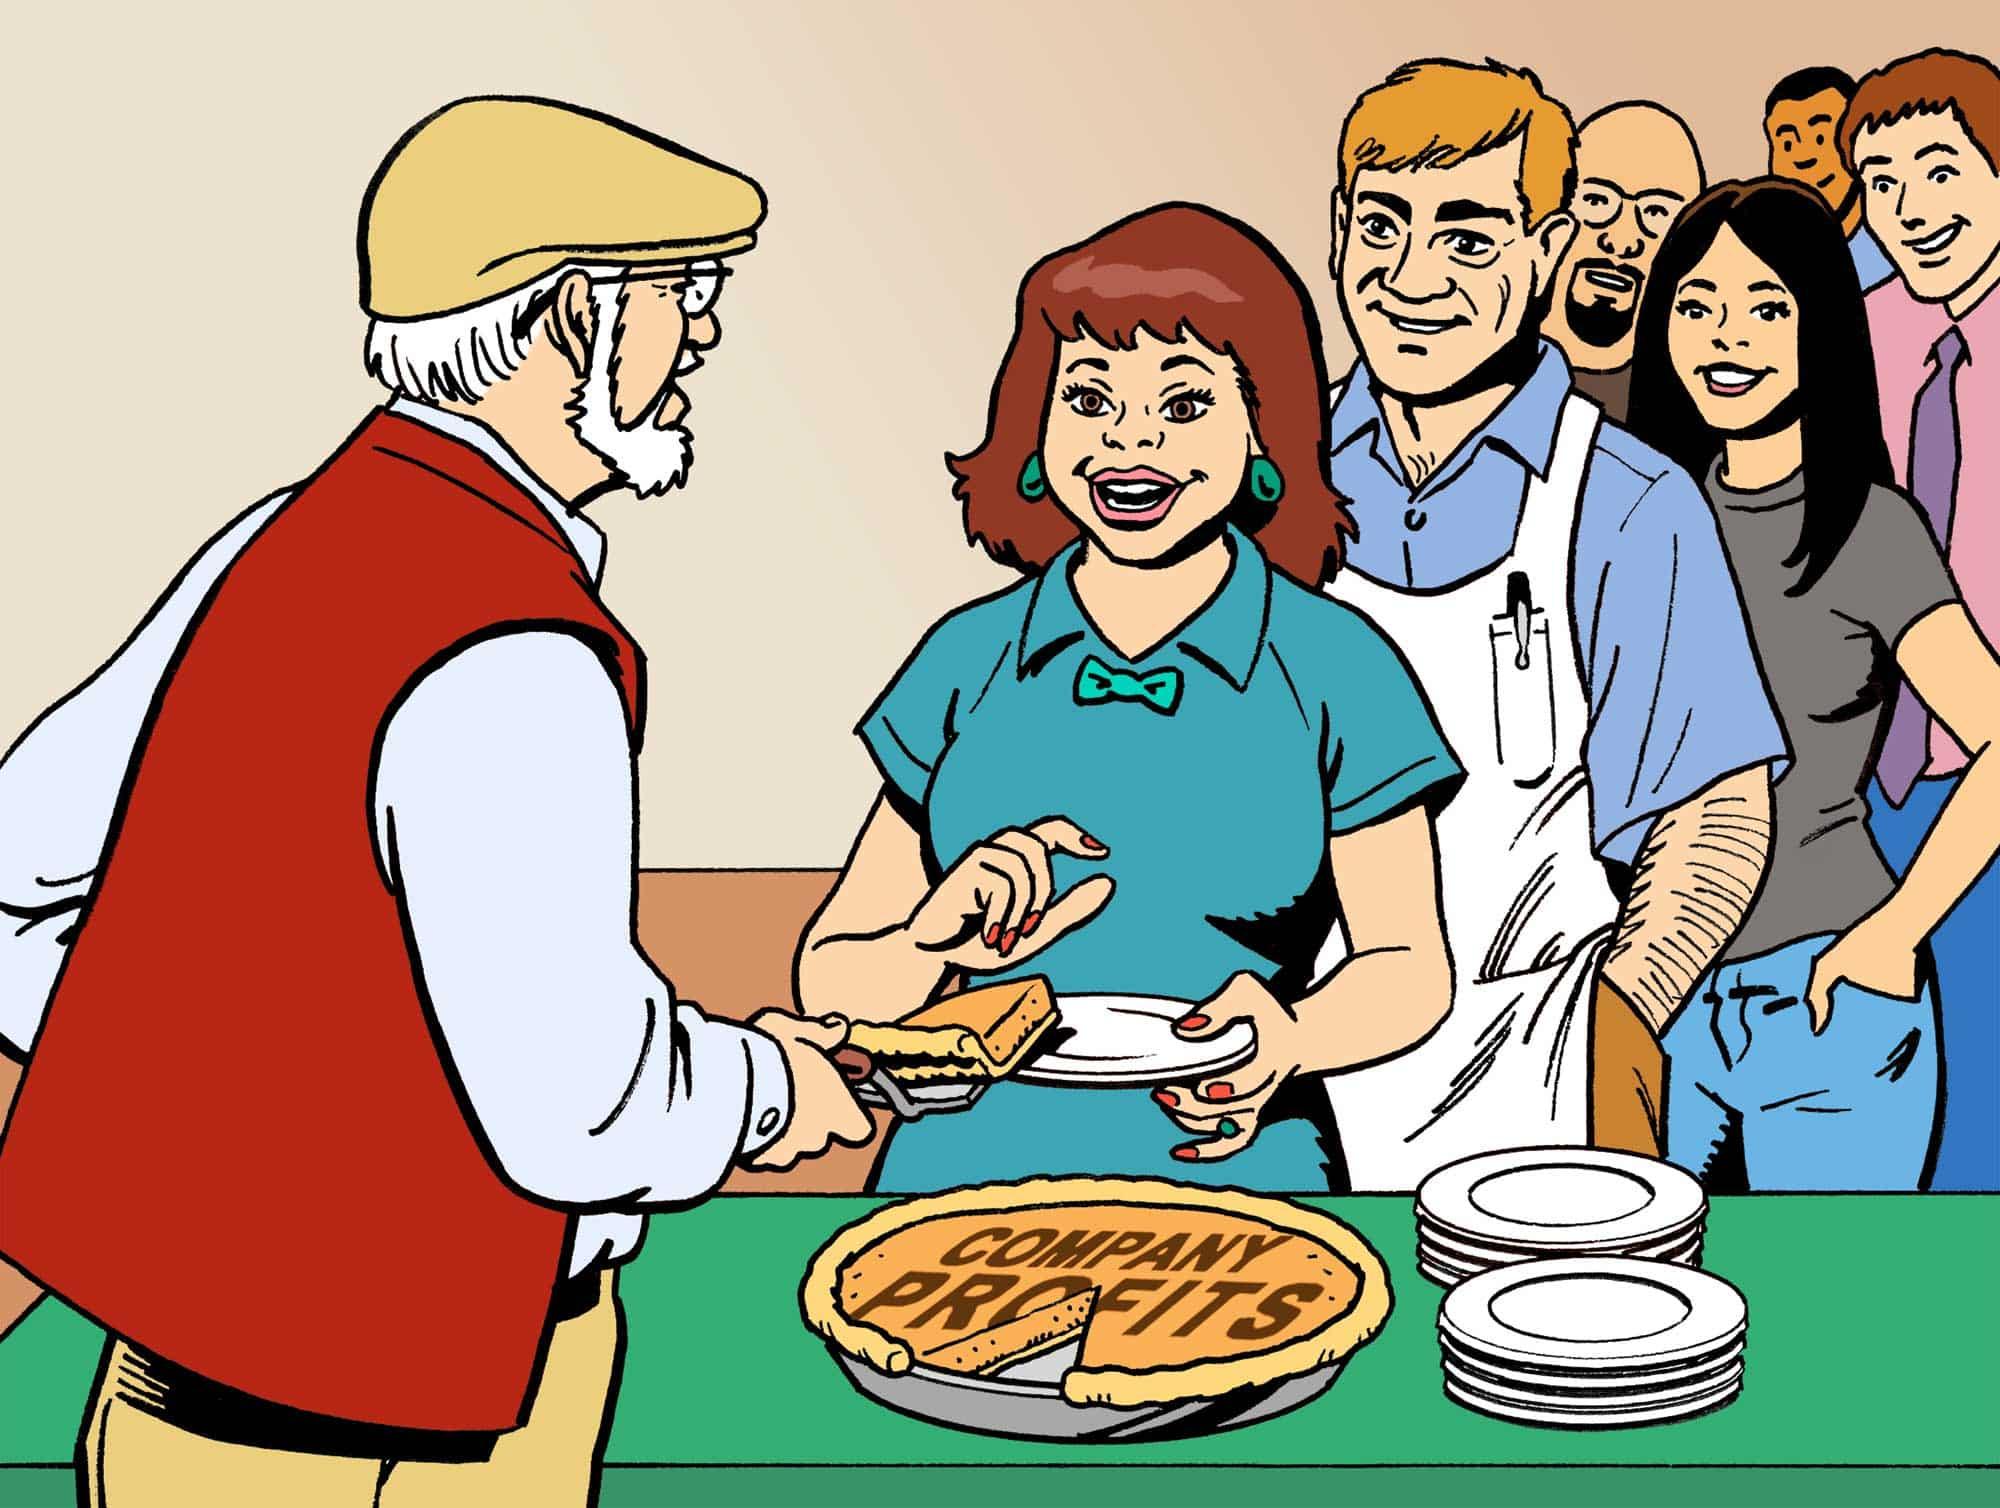 KH3314E-Bob-sharing-pie